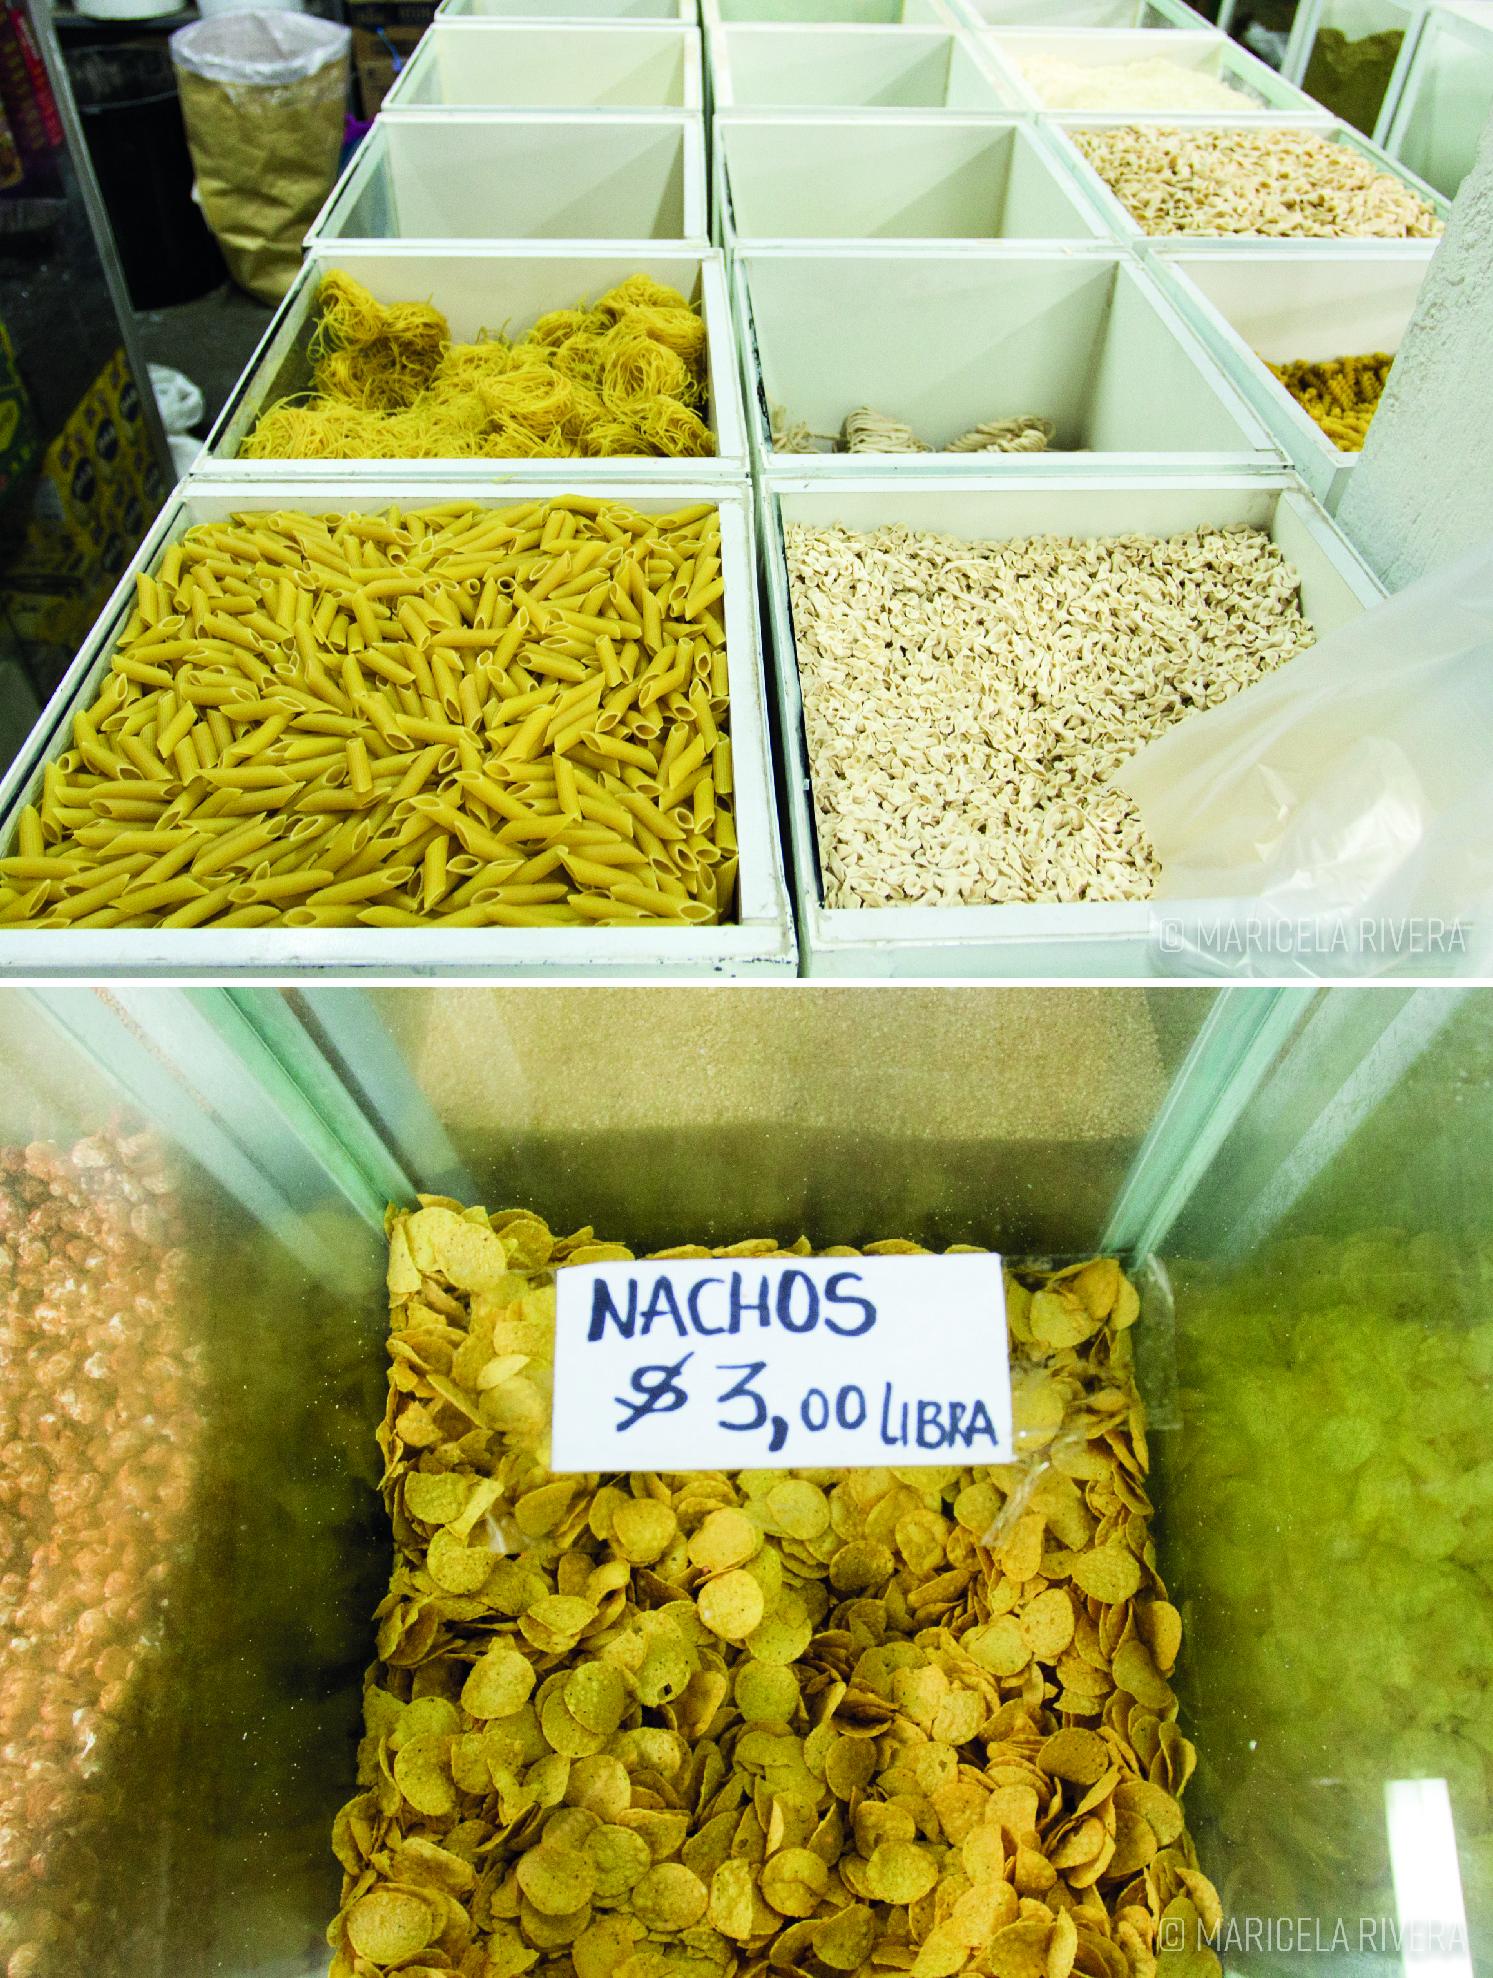 Tienda de productos al peso en los alrededores del mercado Santa Clara, calle Antonio Marchena. Fotografía: Maricela Rivera.